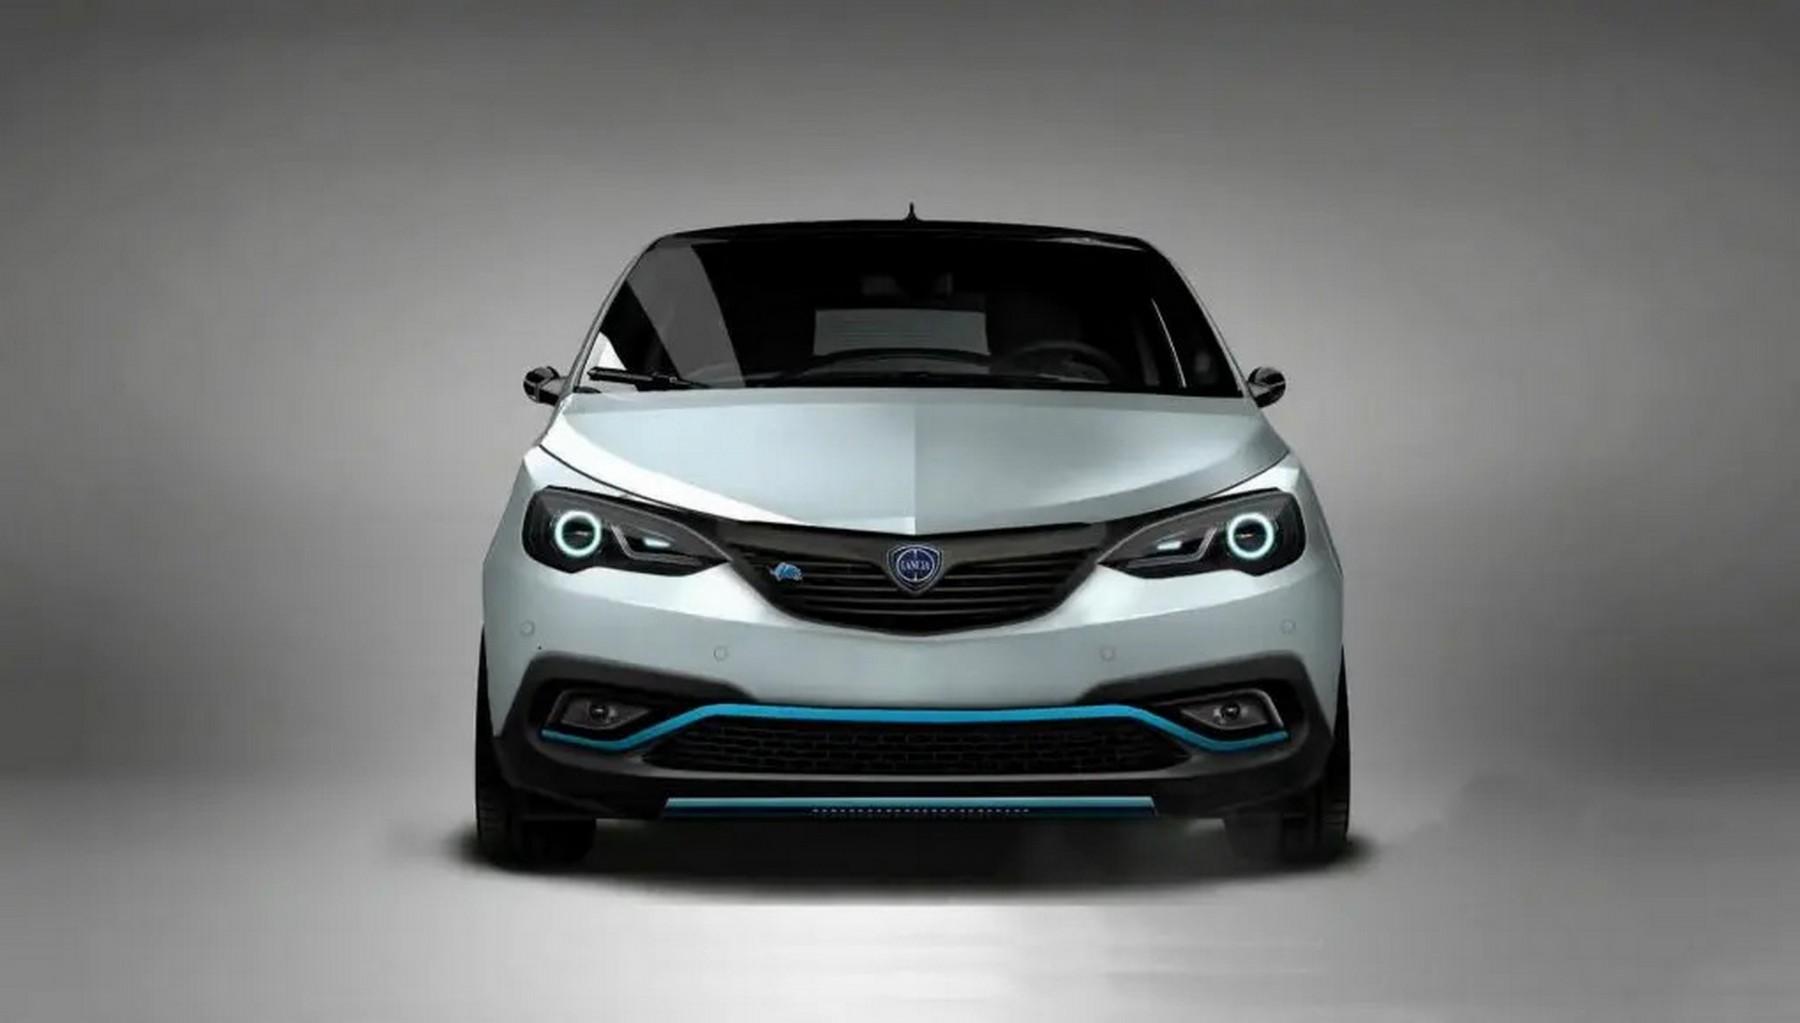 Nuova Lancia Y 2020 - RENDERING